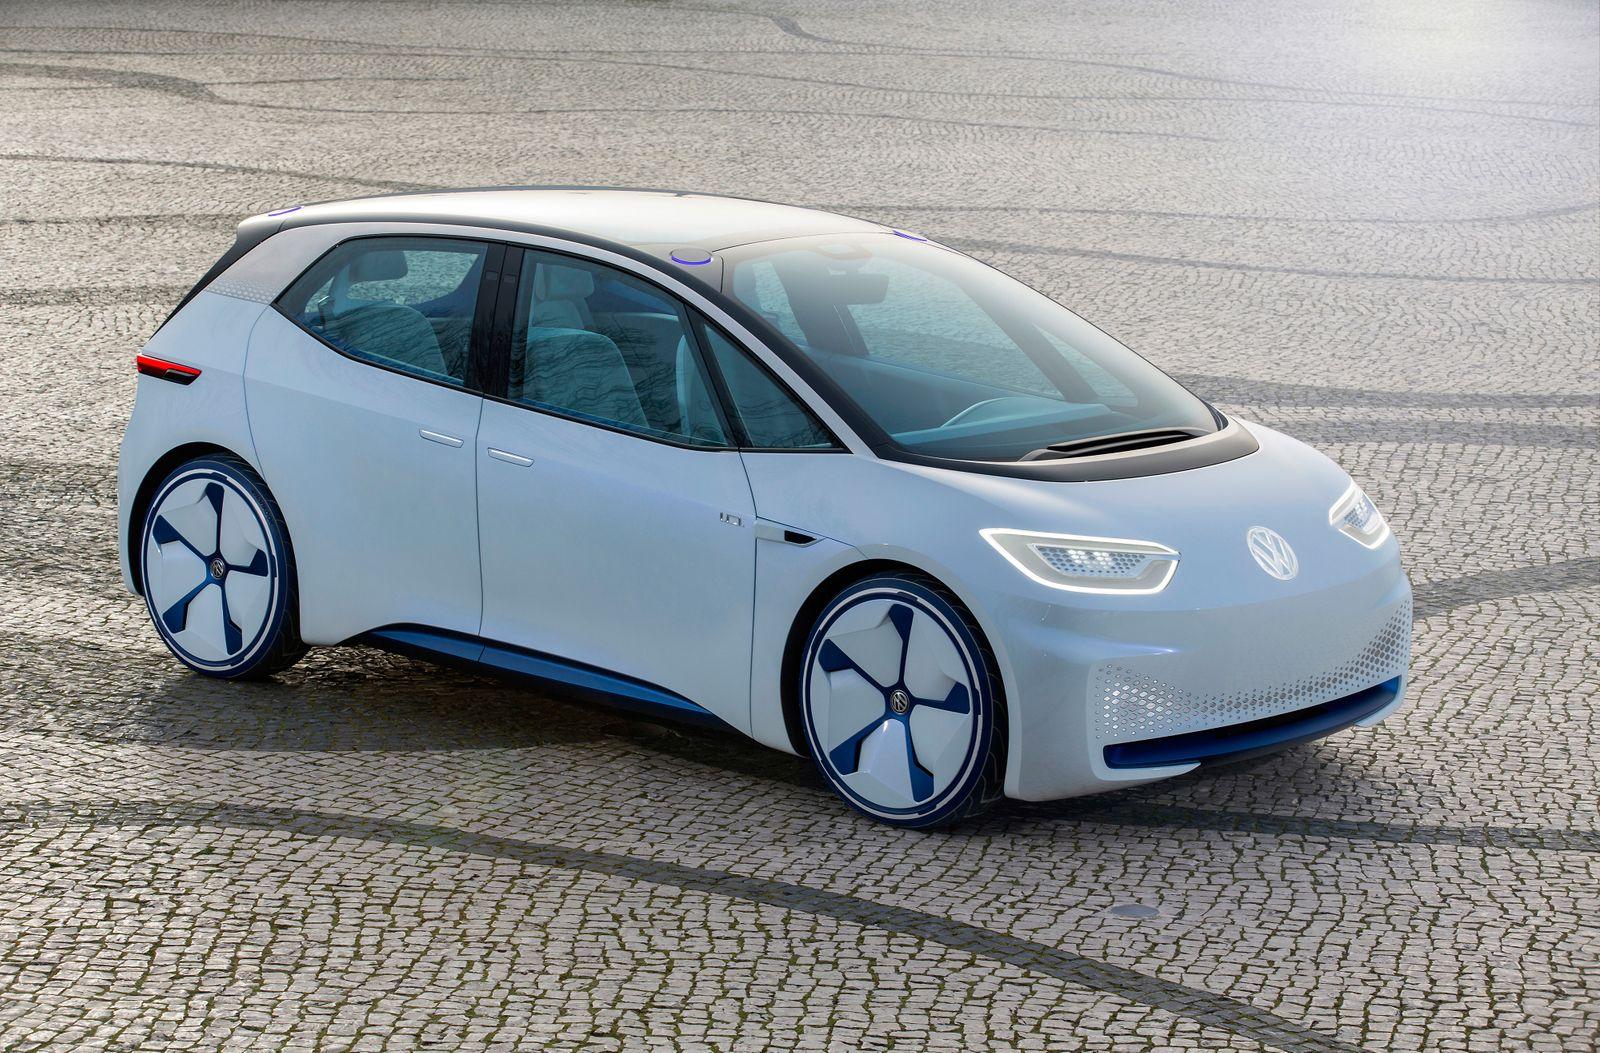 ! SPERRFRIST BIS 16.12.18, 00:01 UHR ! EINMALIGE VERWENDUNG VW ID/ Volkswagen/ Golf/ Elektro-Auto